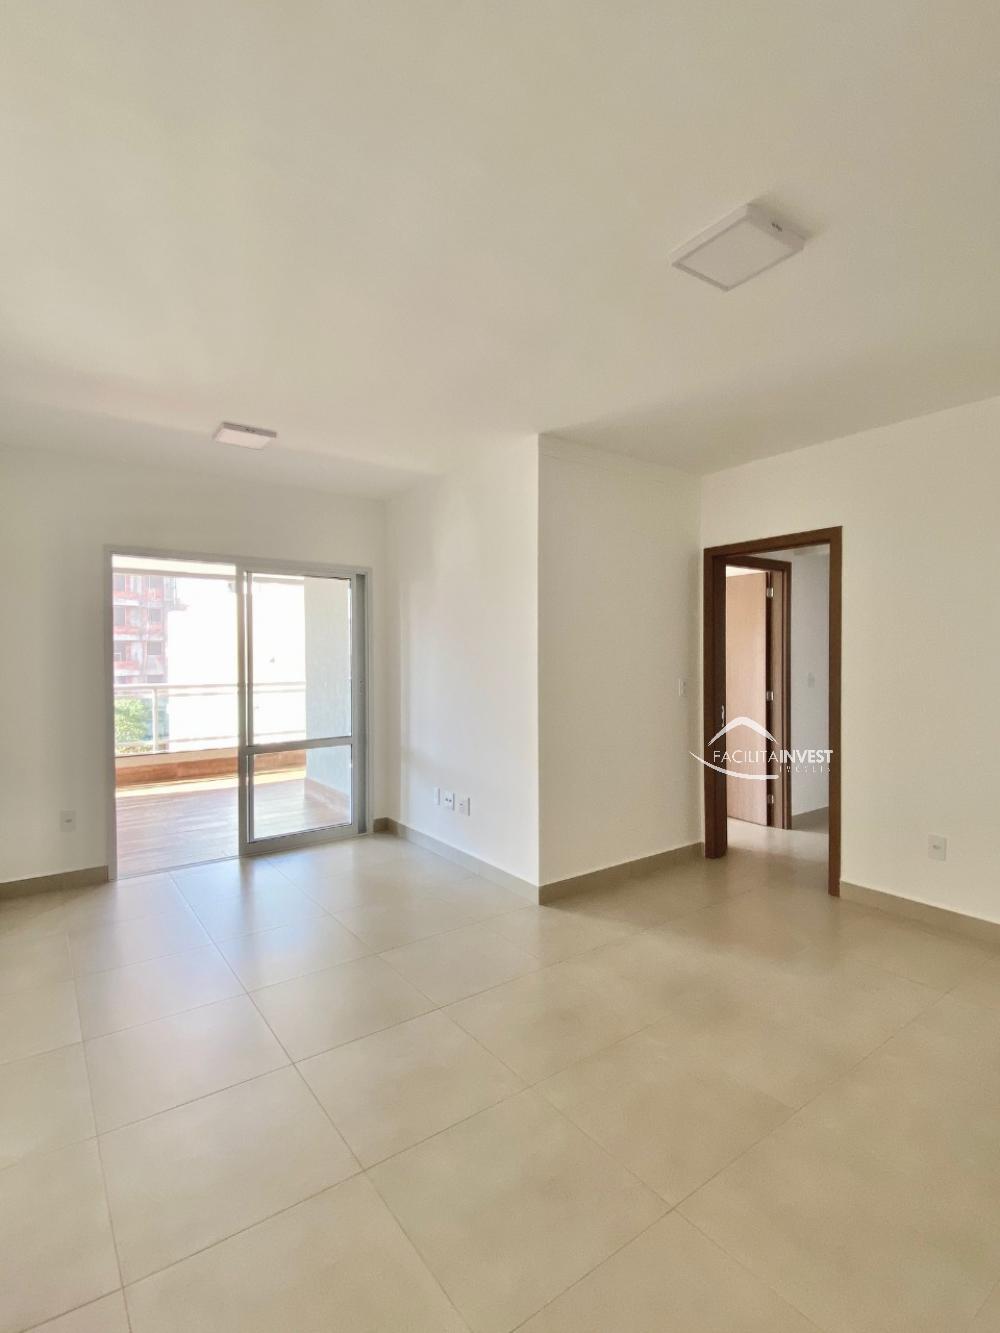 Alugar Apartamentos / Apart. Padrão em Ribeirão Preto R$ 2.750,00 - Foto 10